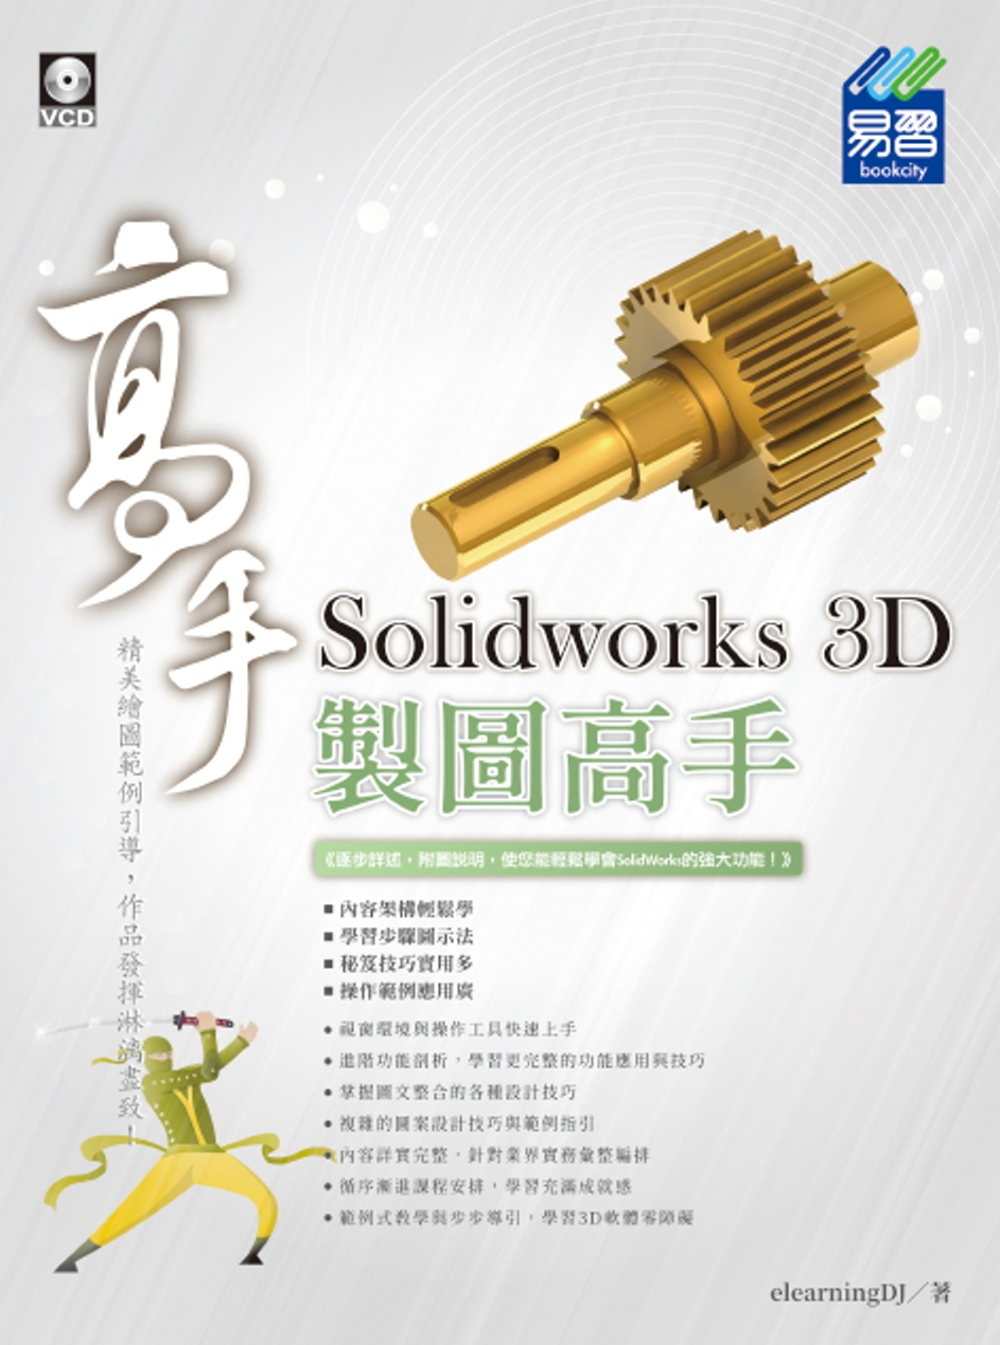 Solidworks 3D 製圖高手